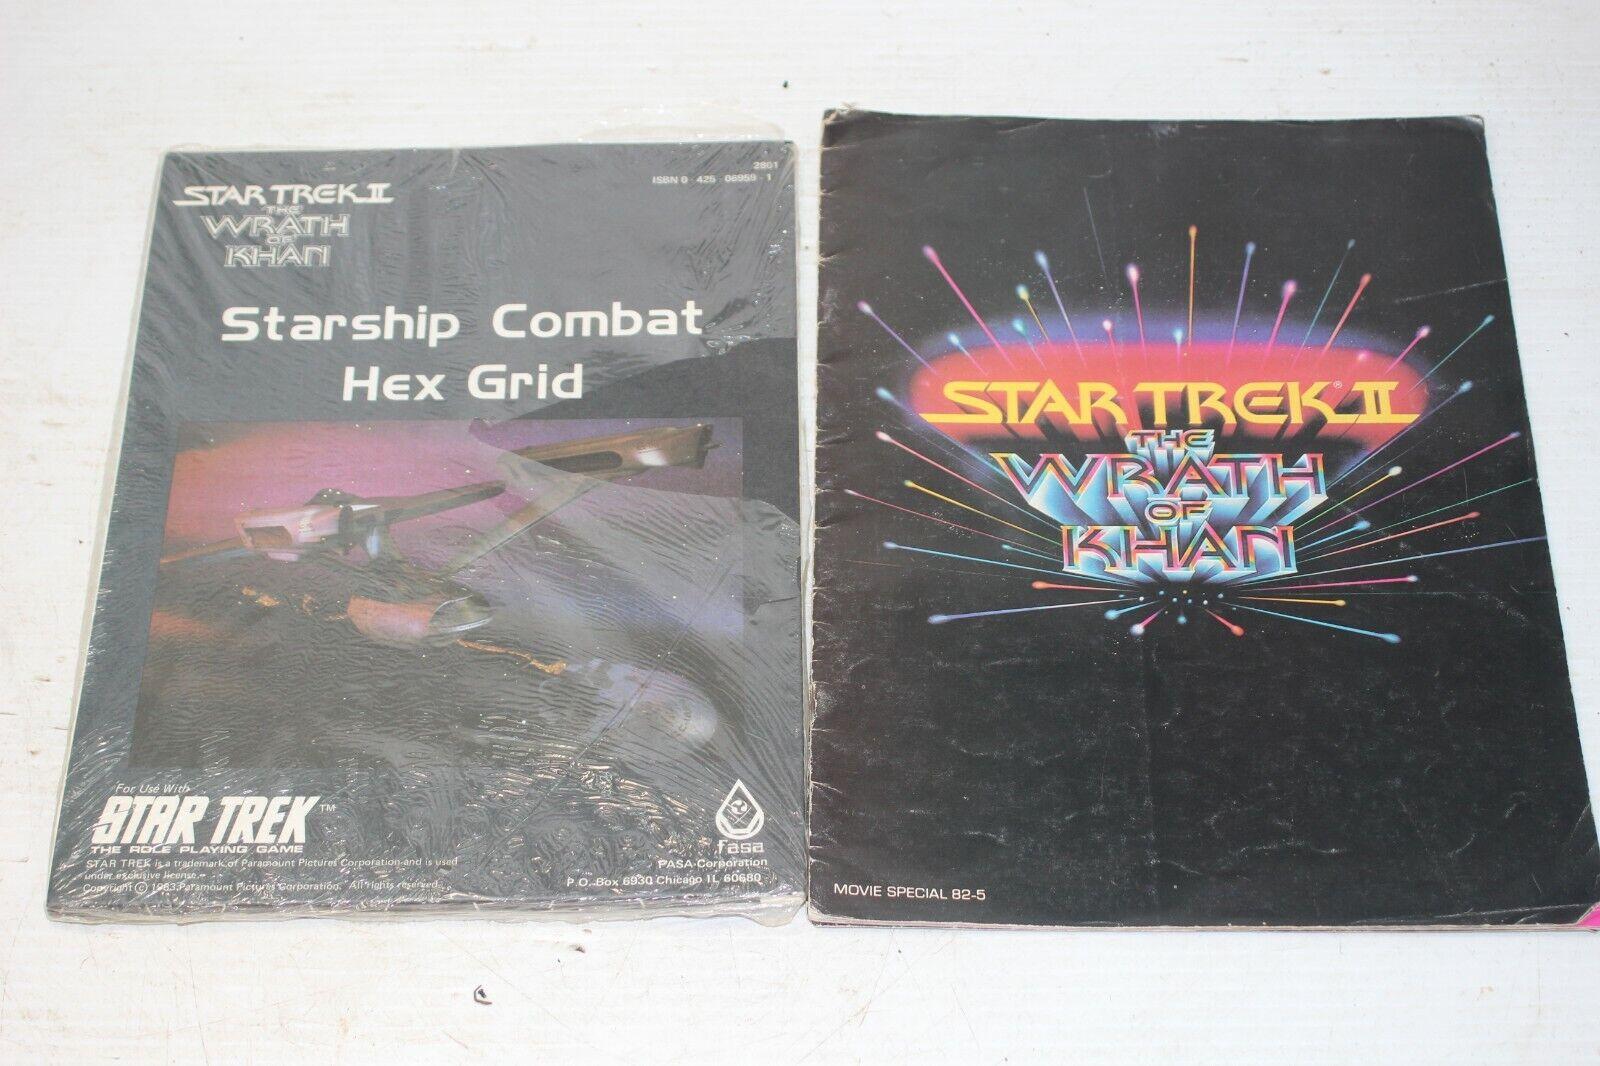 EstrellaSHIP COMBAT HEX GRID   The Wrath of Khan estrella Trek II FASA Module Map  qualità di prima classe